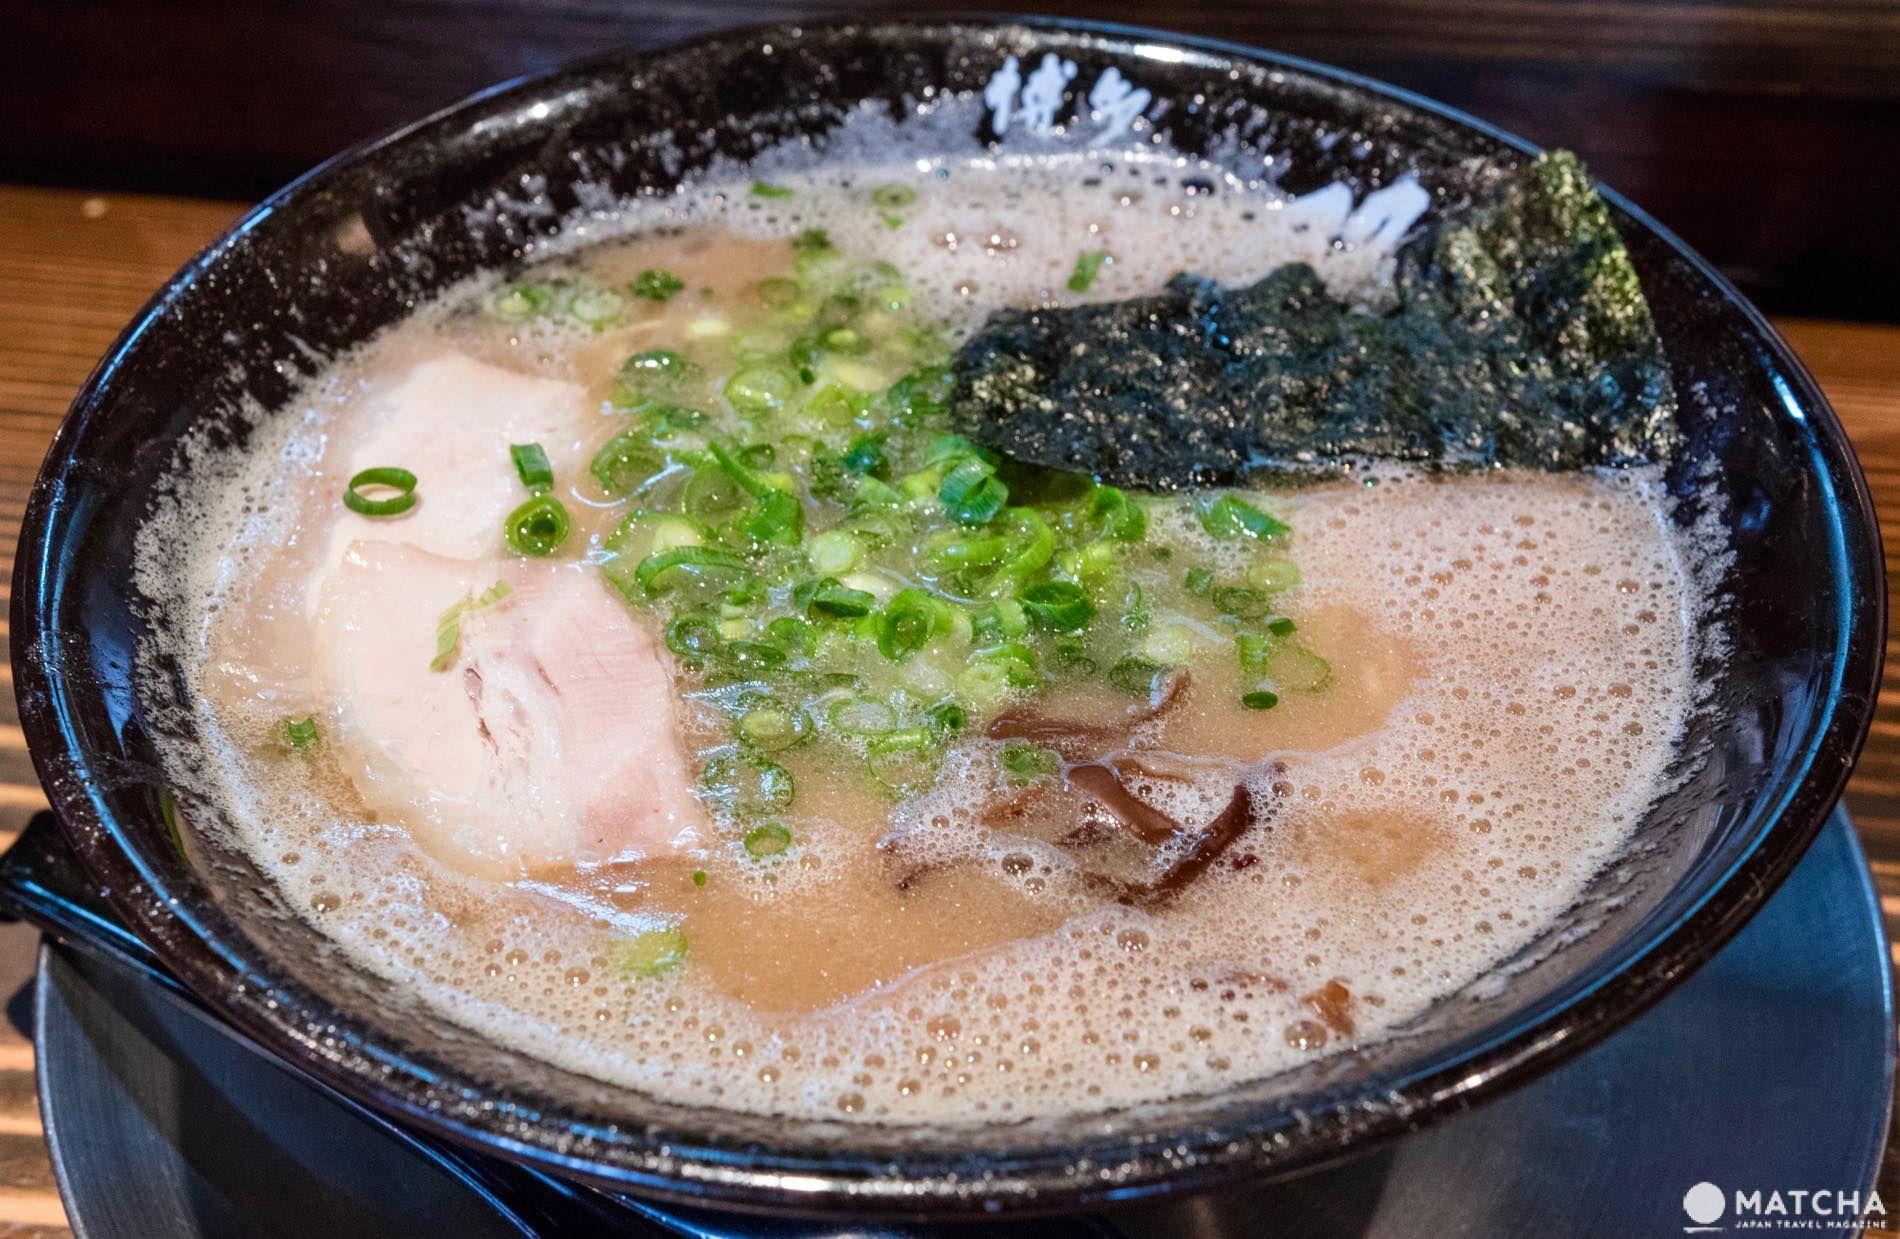 5,000杯食べたマニアがオススメ!福冈县・博多周辺のイチオシ人気拉面8选